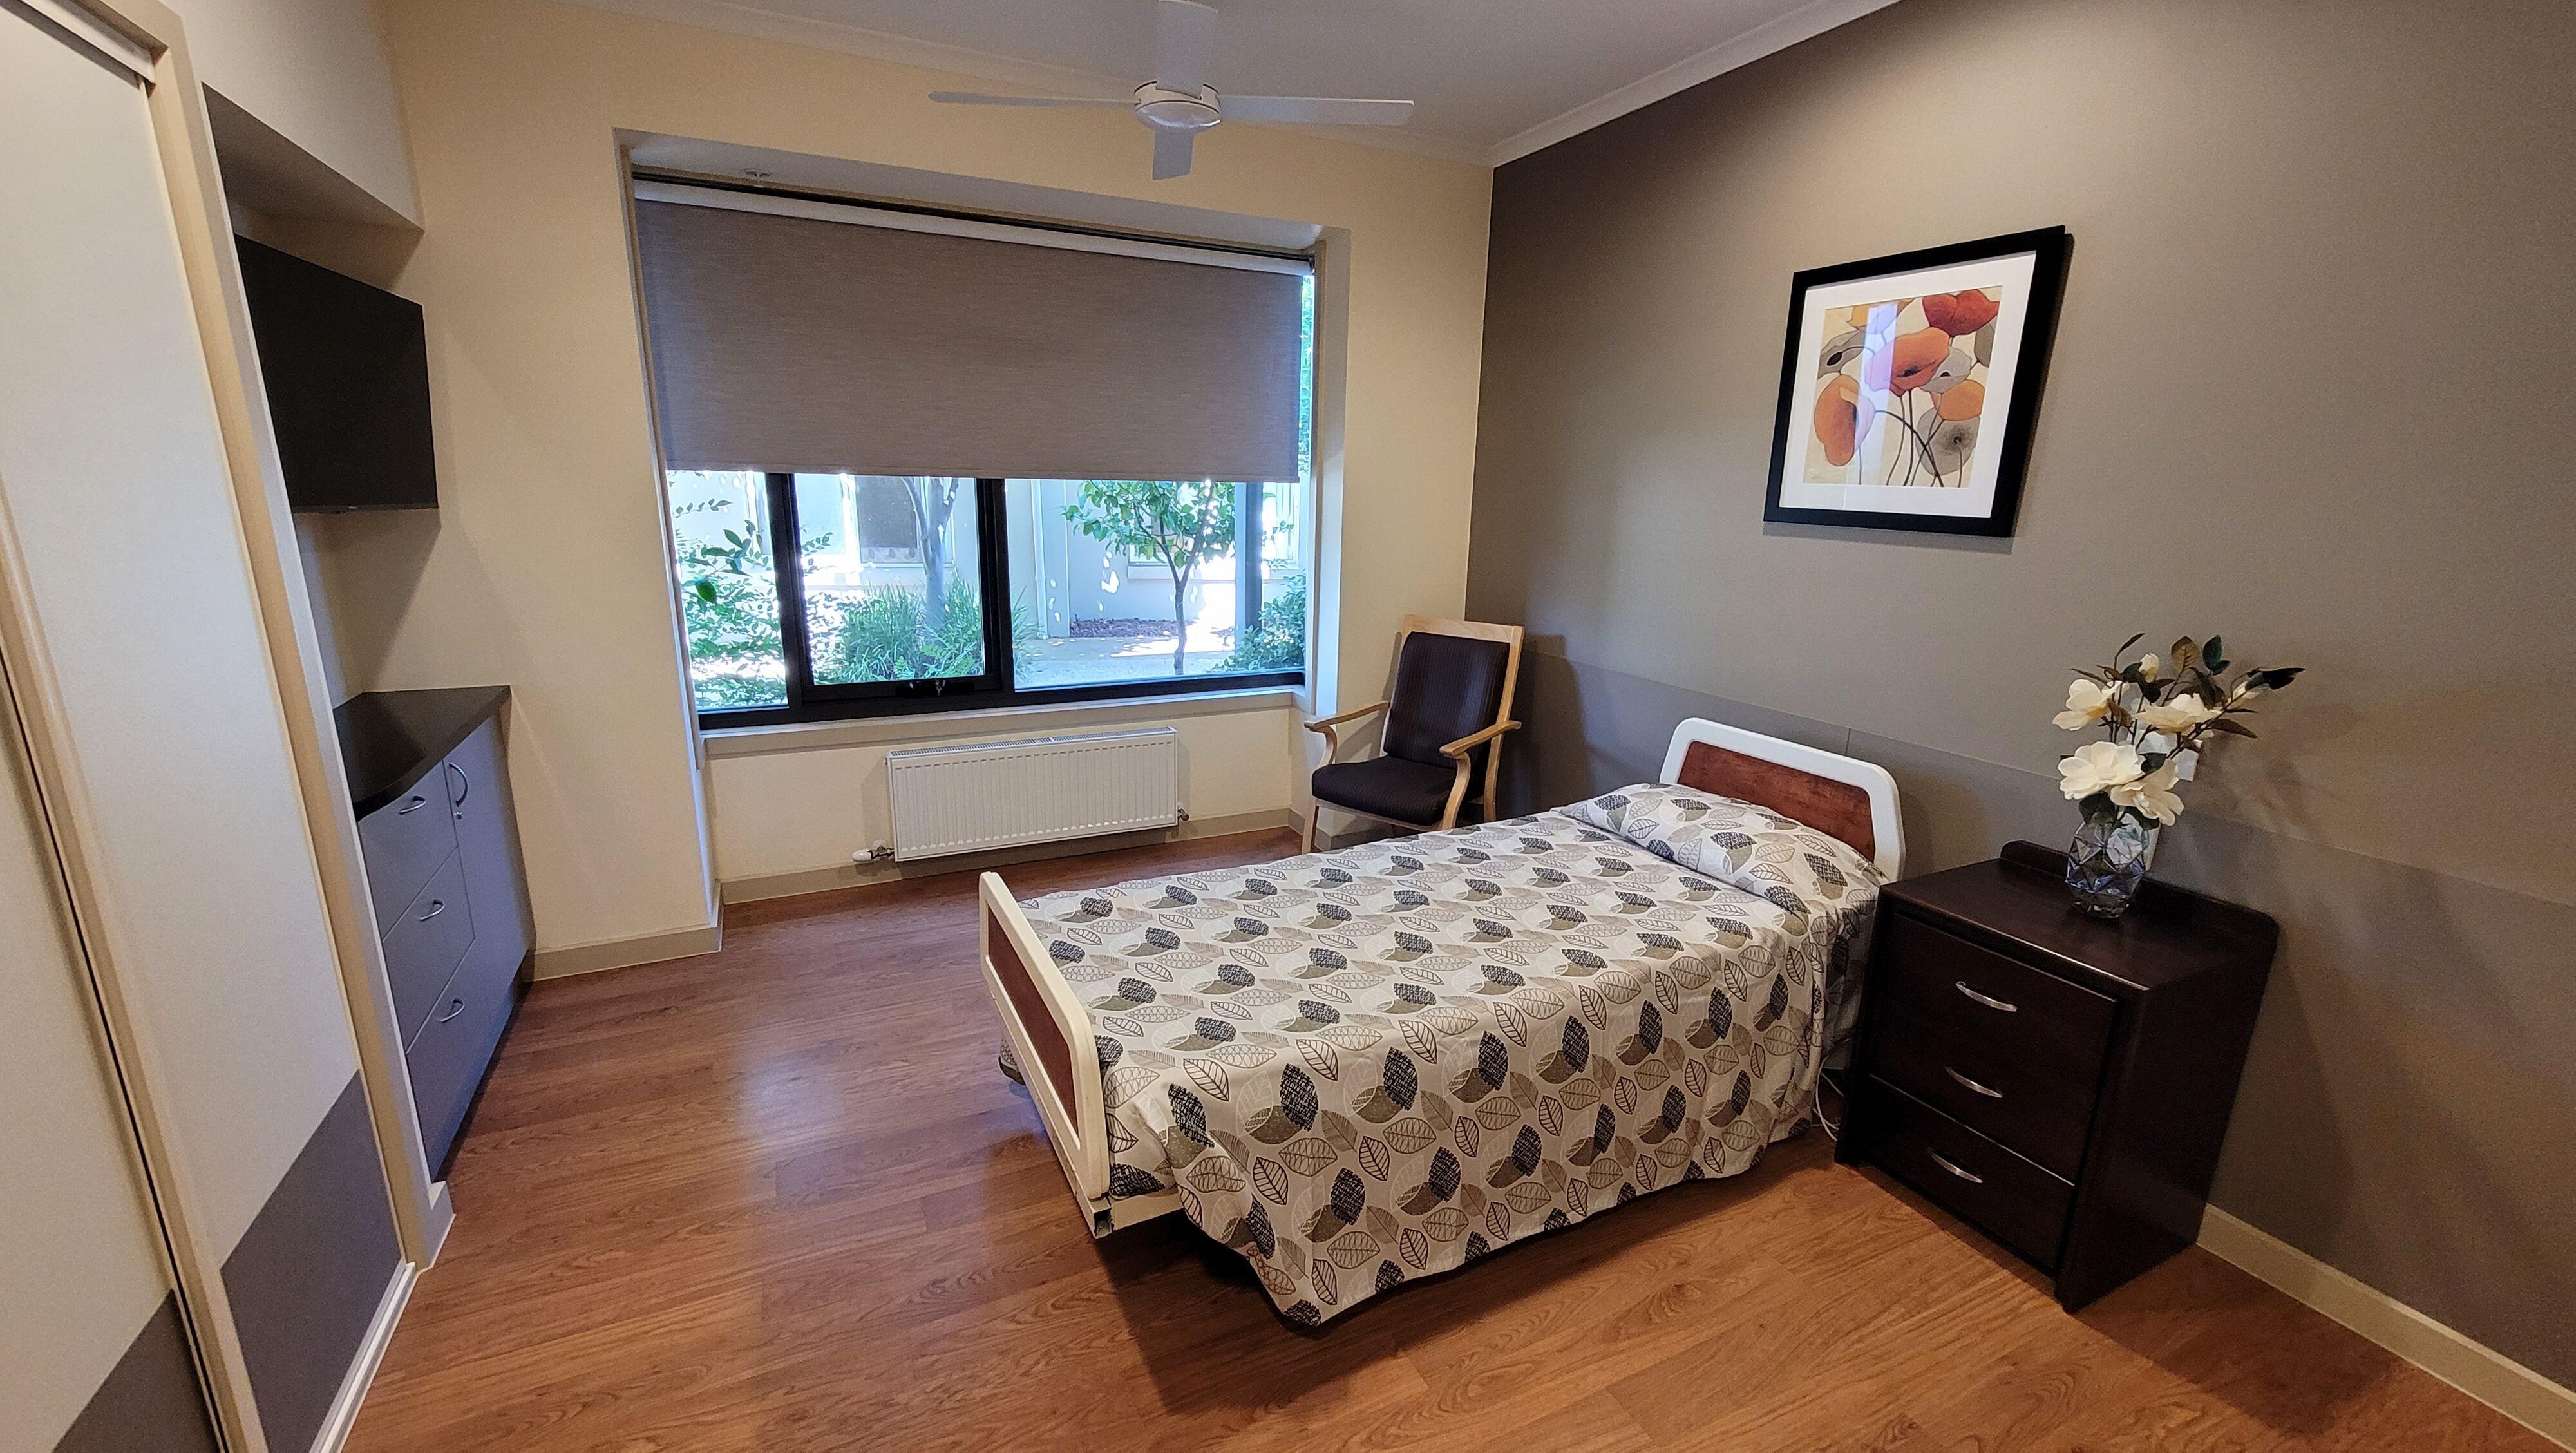 Anzac Lodge Nursing Home, Coburg North VIC 3058 - Bedroom Example 1